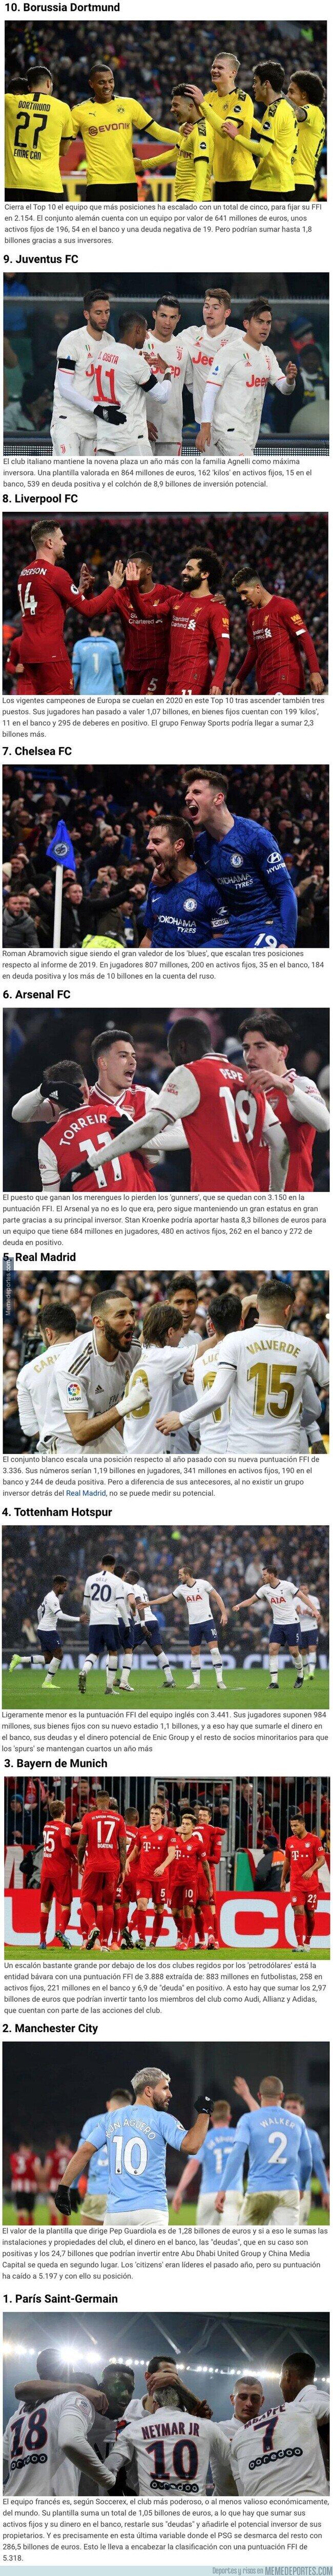 1098318 - Estos son los 10 clubes más poderosos del mundo, según Soccerex